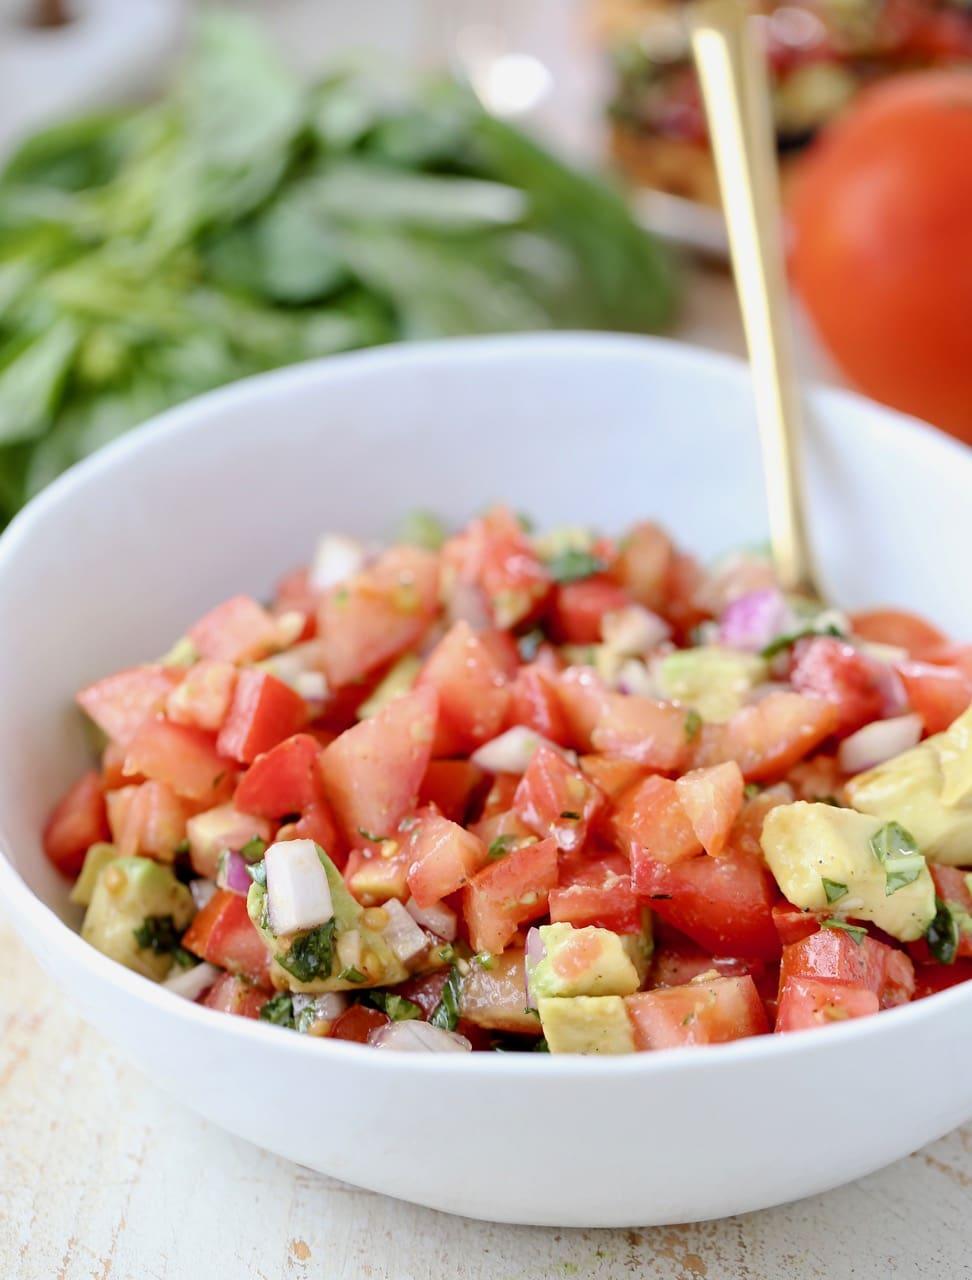 Tomato Avocado Garlic Basil Vegan Bruschetta Recipe